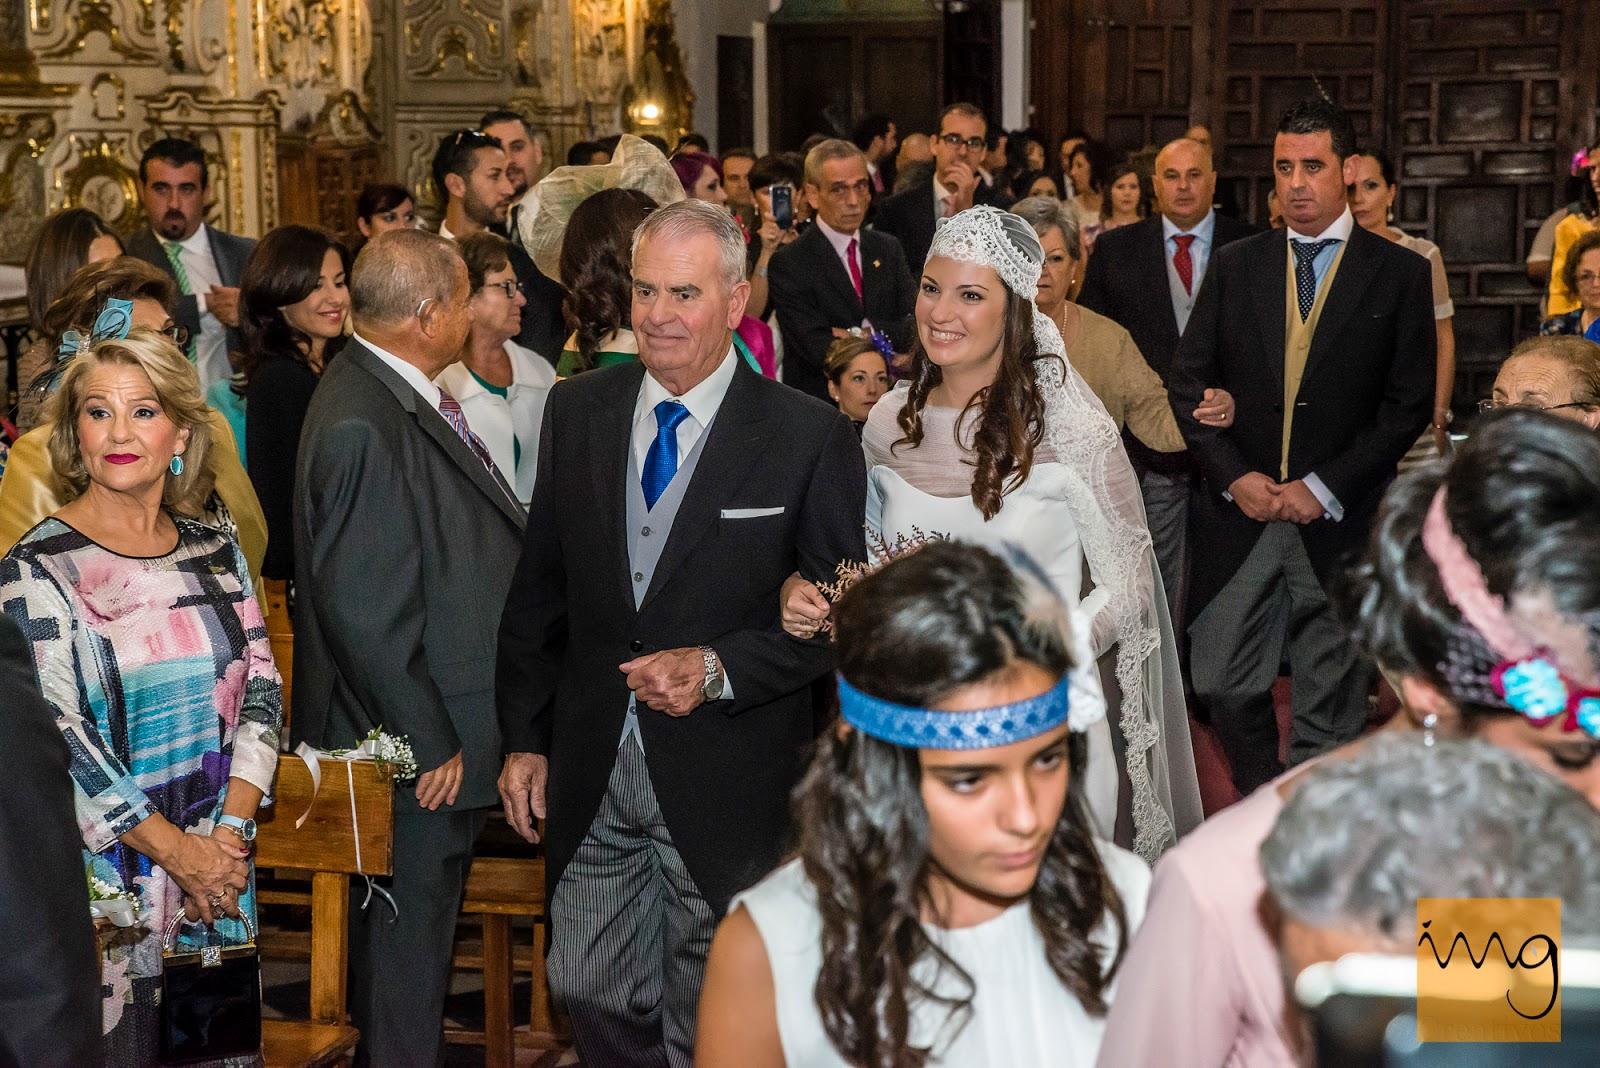 fotografía de la novia entrando a la iglesia del brazo de su padre